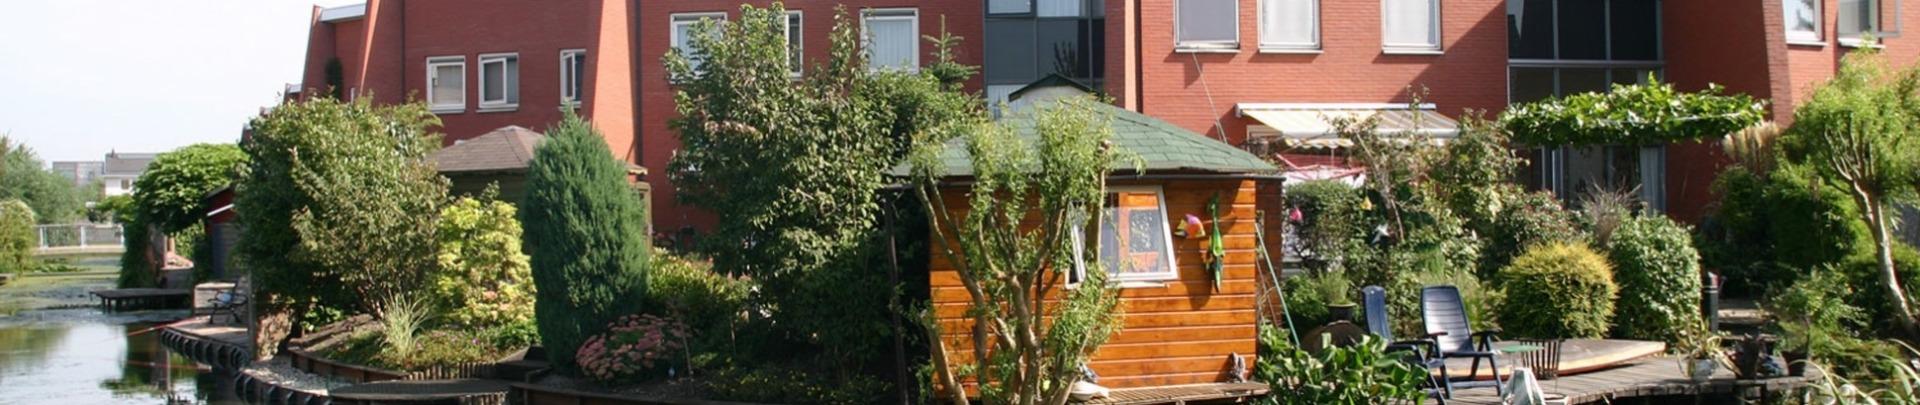 Rij huizen en omgeving aan het water